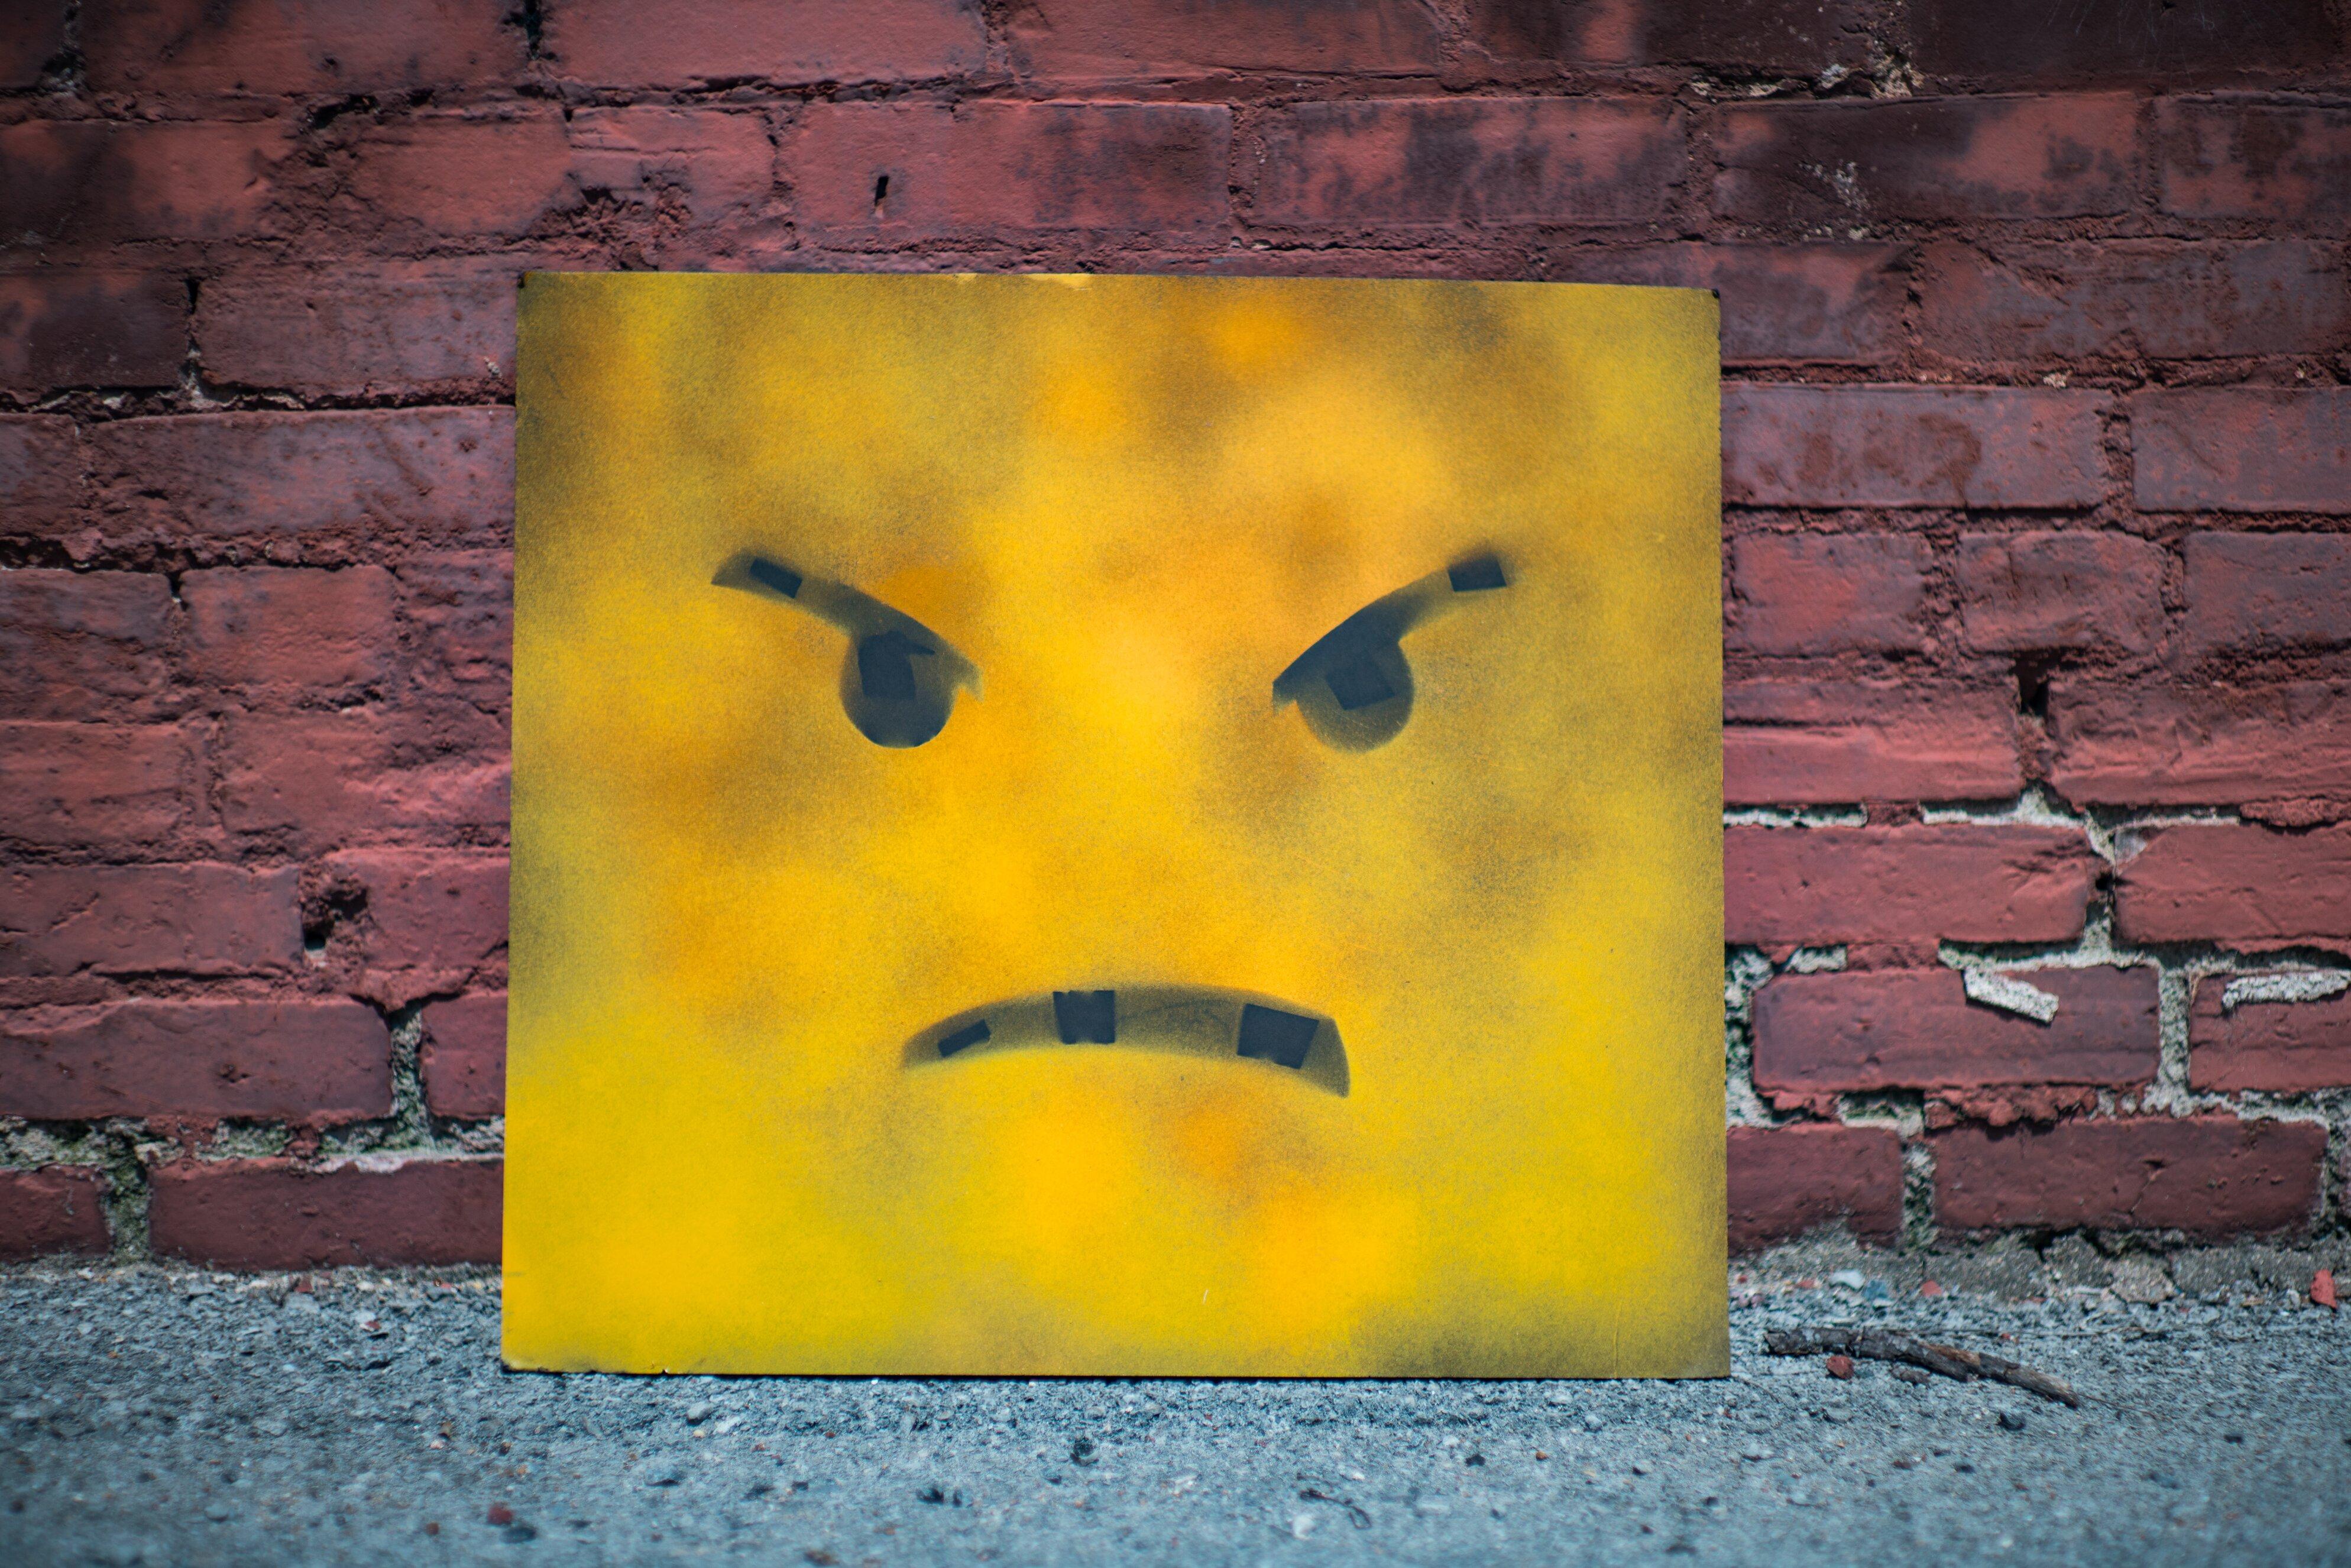 khuôn mặt giận dữ thay đổi